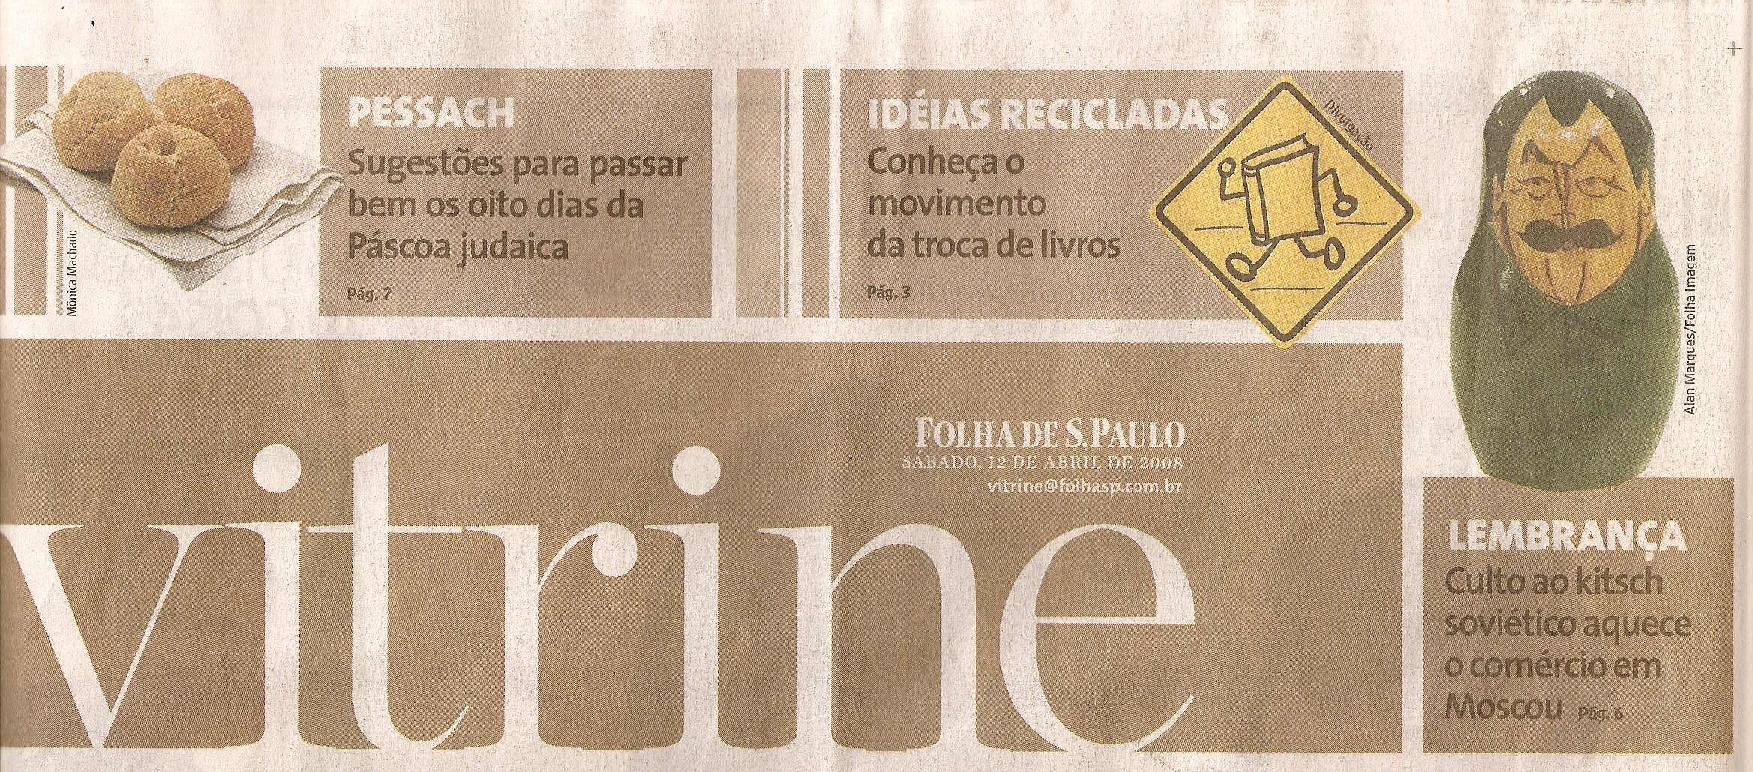 Folha-de-S.-Paulo_BookCrossing_Corrente-Literária-site-facilita-troca-de-livros_12.abr.08